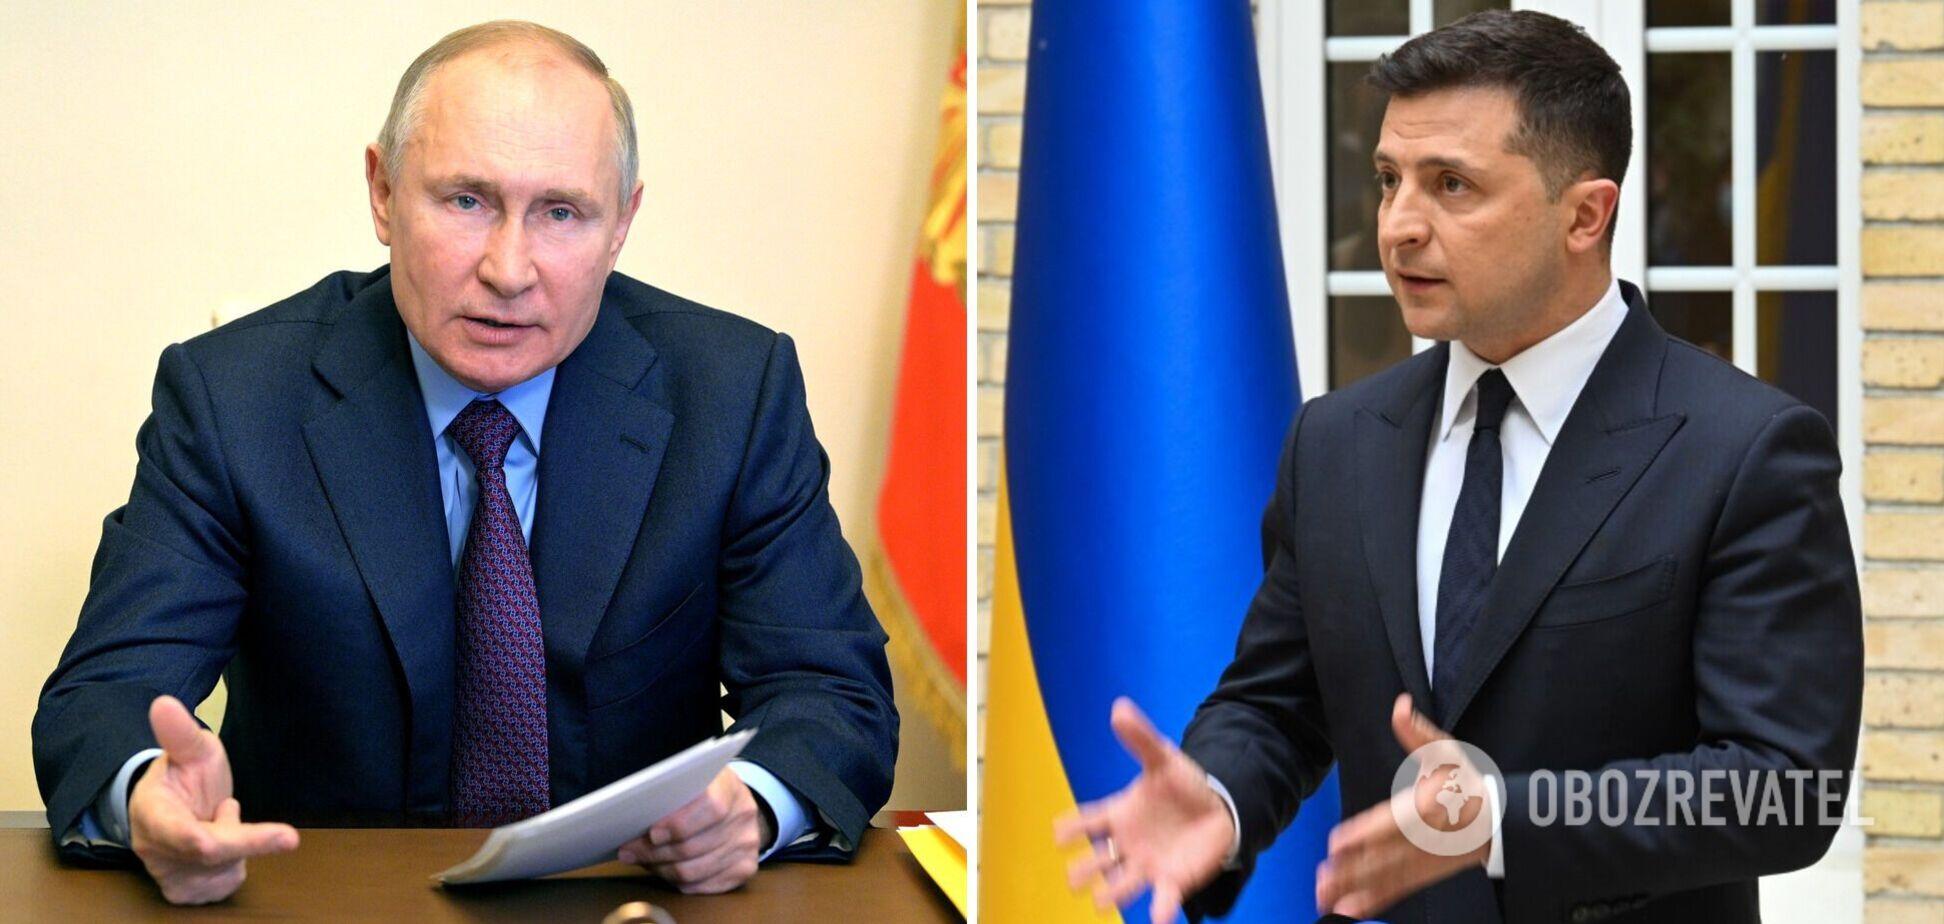 Зеленський російською мовою запропонував Путіну зустрітися на Донбасі. Відео